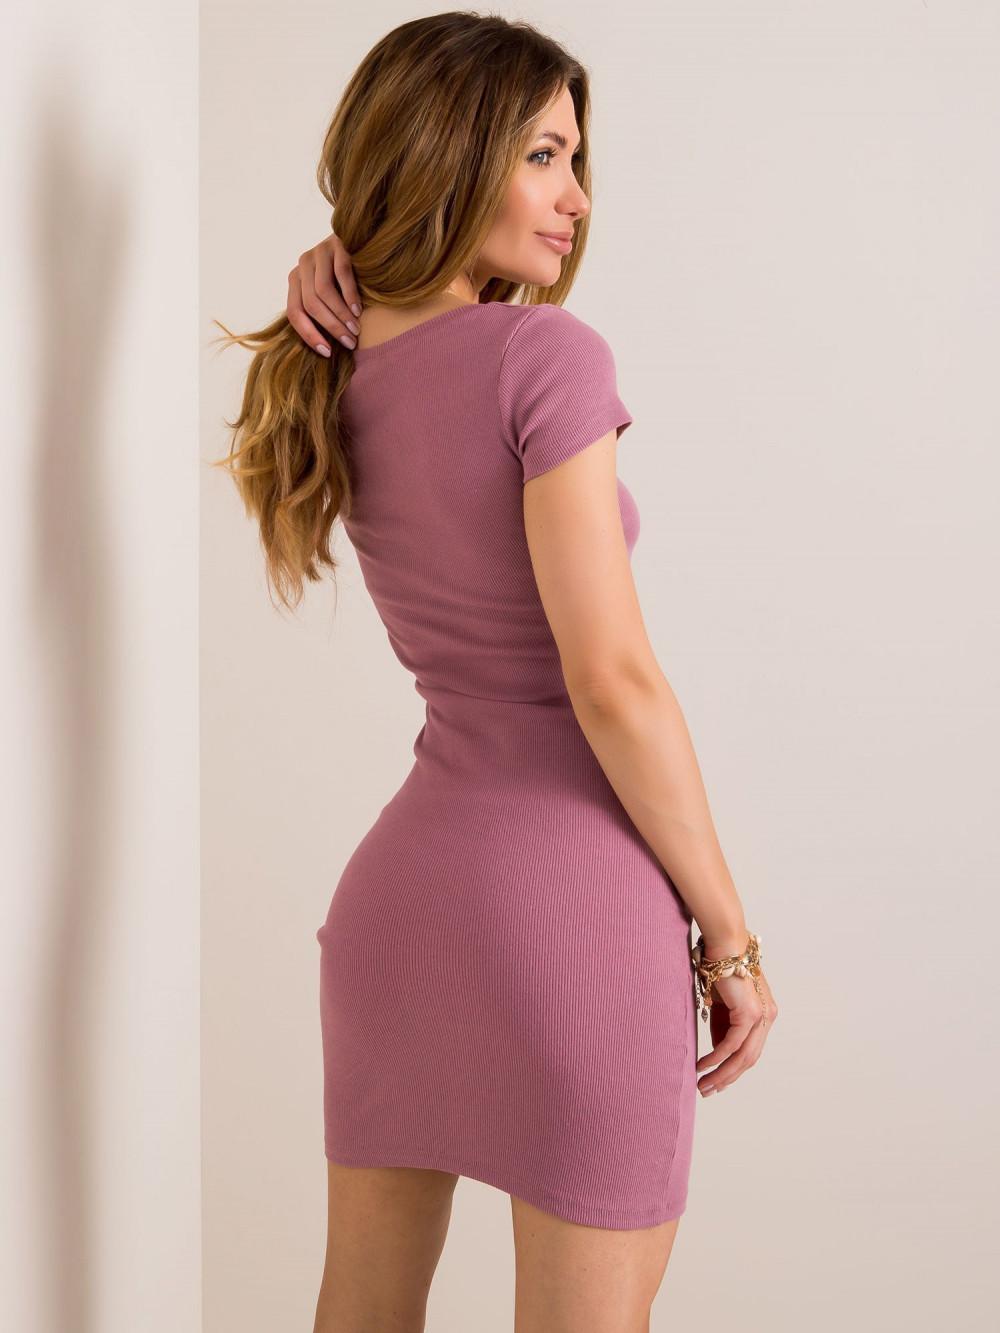 Brudnoróżowa dopasowana sukienka z krótkim rękawem Ally 2